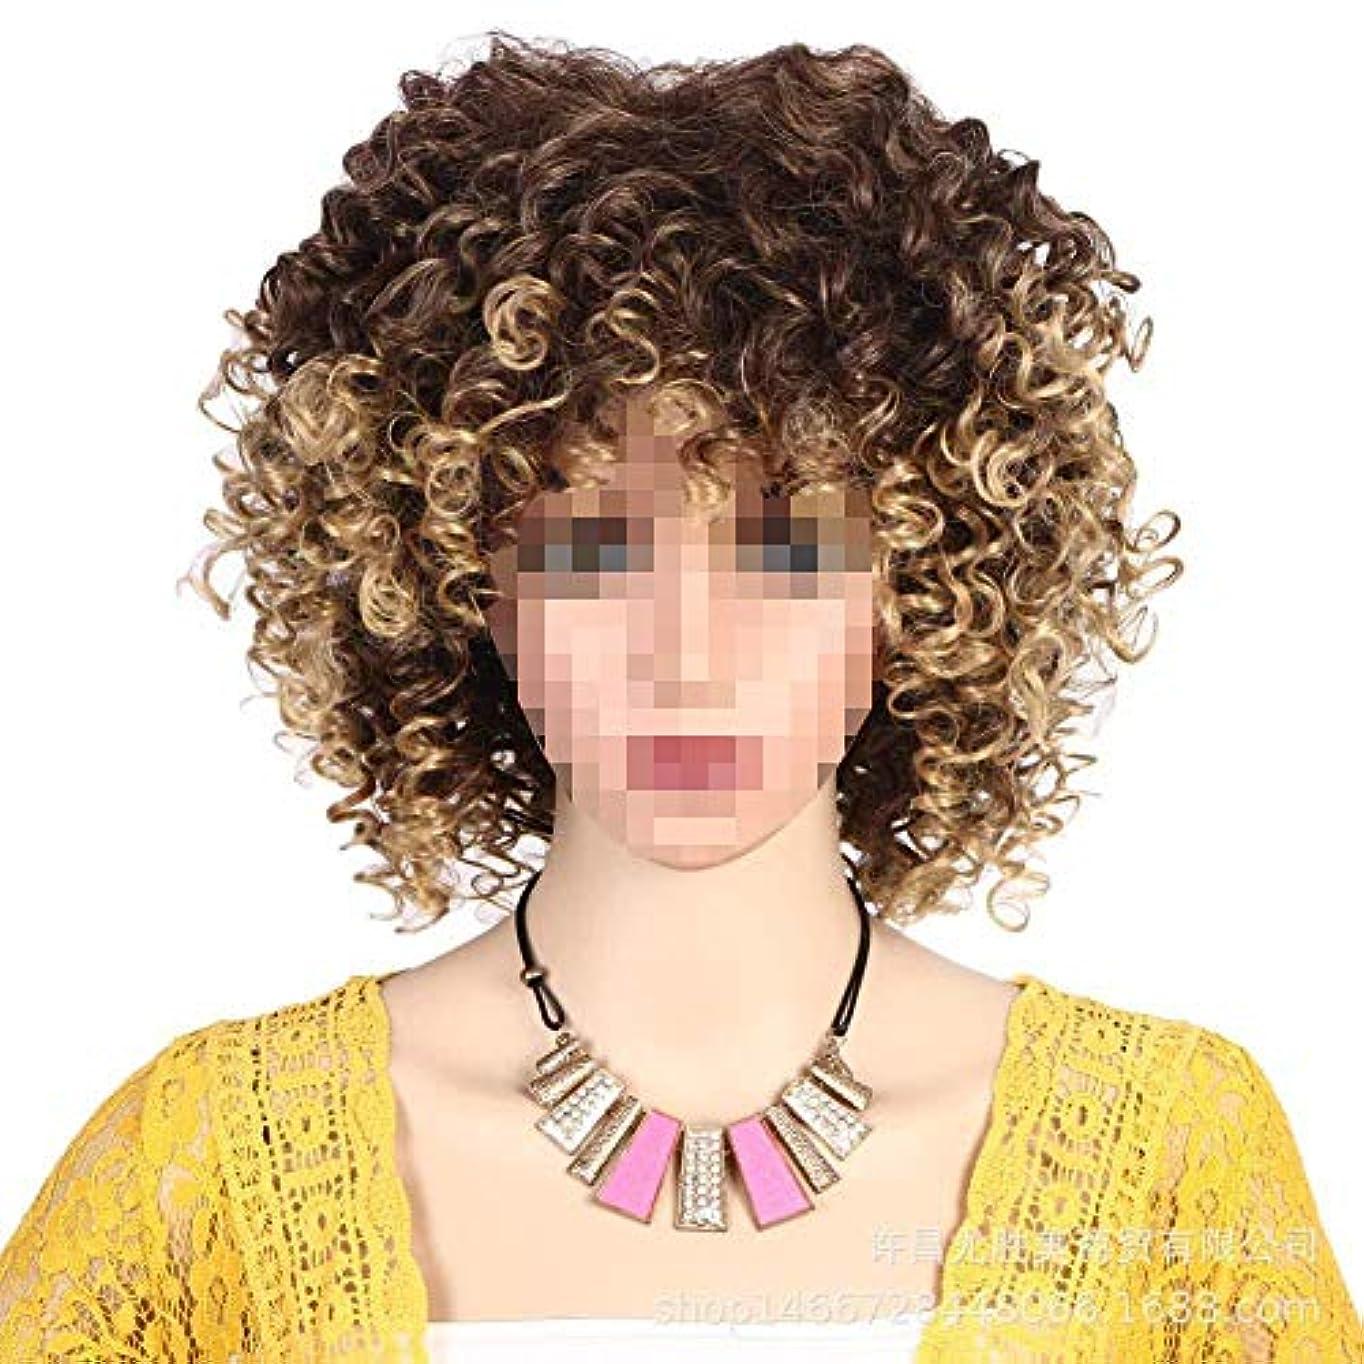 最後の友だち強制的女性のための合成ショート変態カーリーヘアウィッグ/耐熱性繊維ショルダー長さ/アフリカ系アメリカ人コスプレウィッグ用ウィッグ